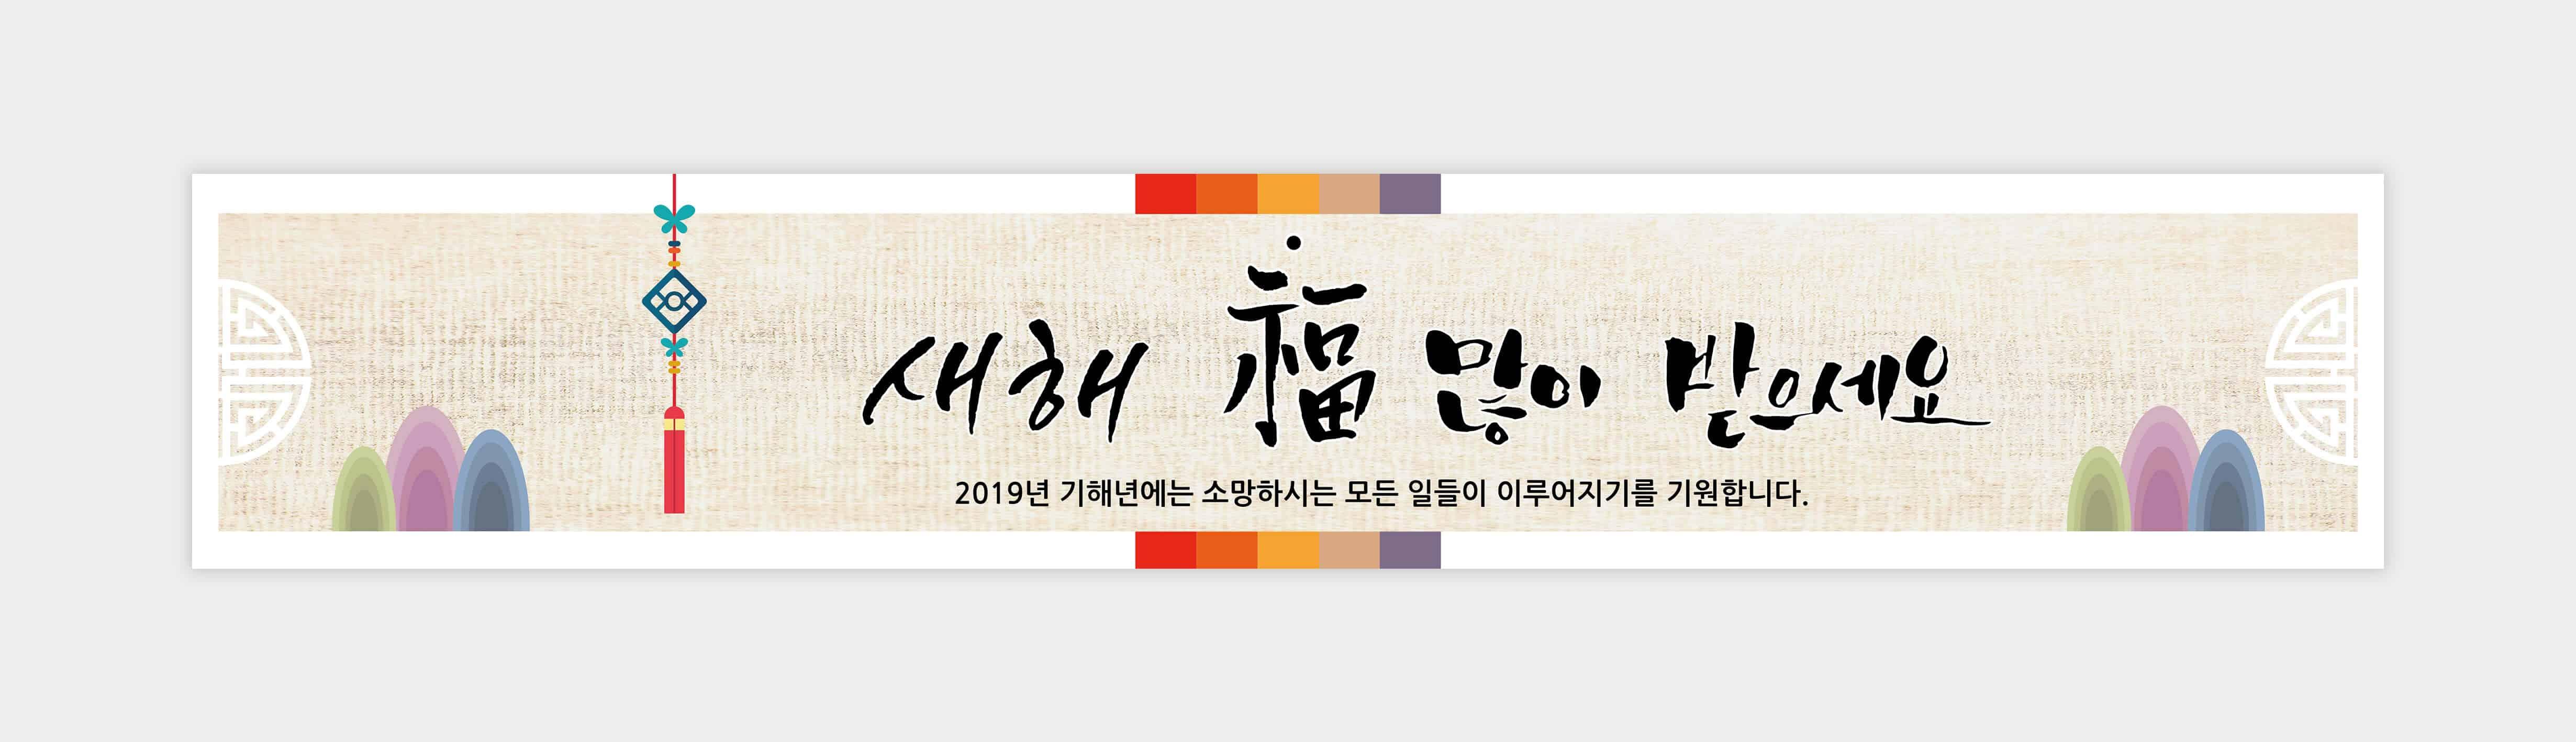 현수막_026